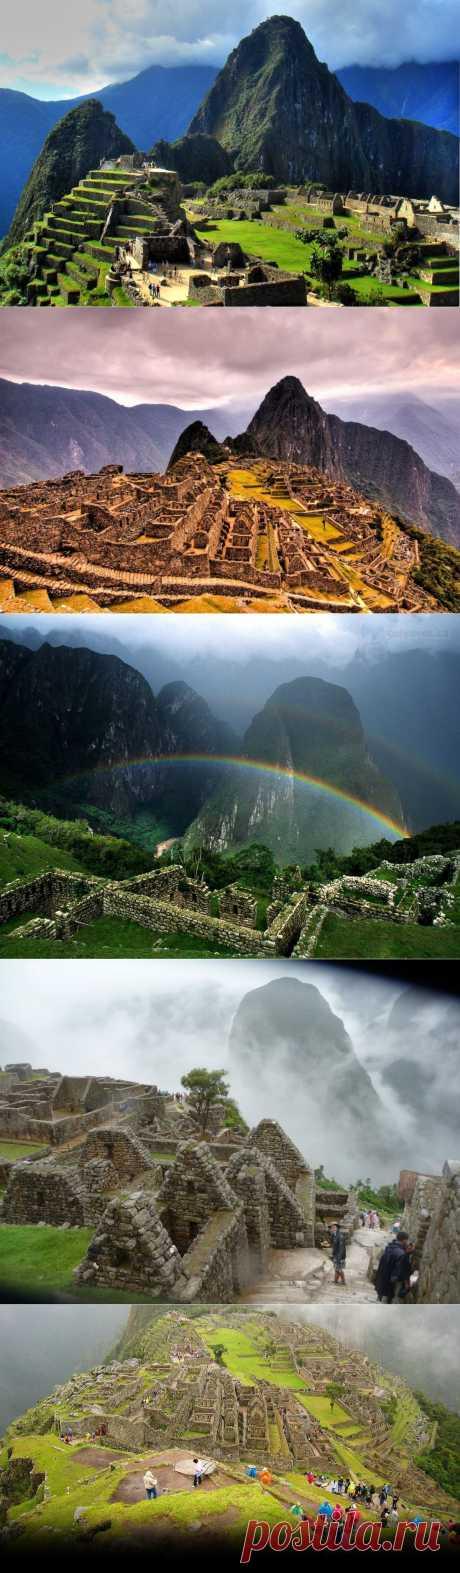 Перу - загадочная страна инков